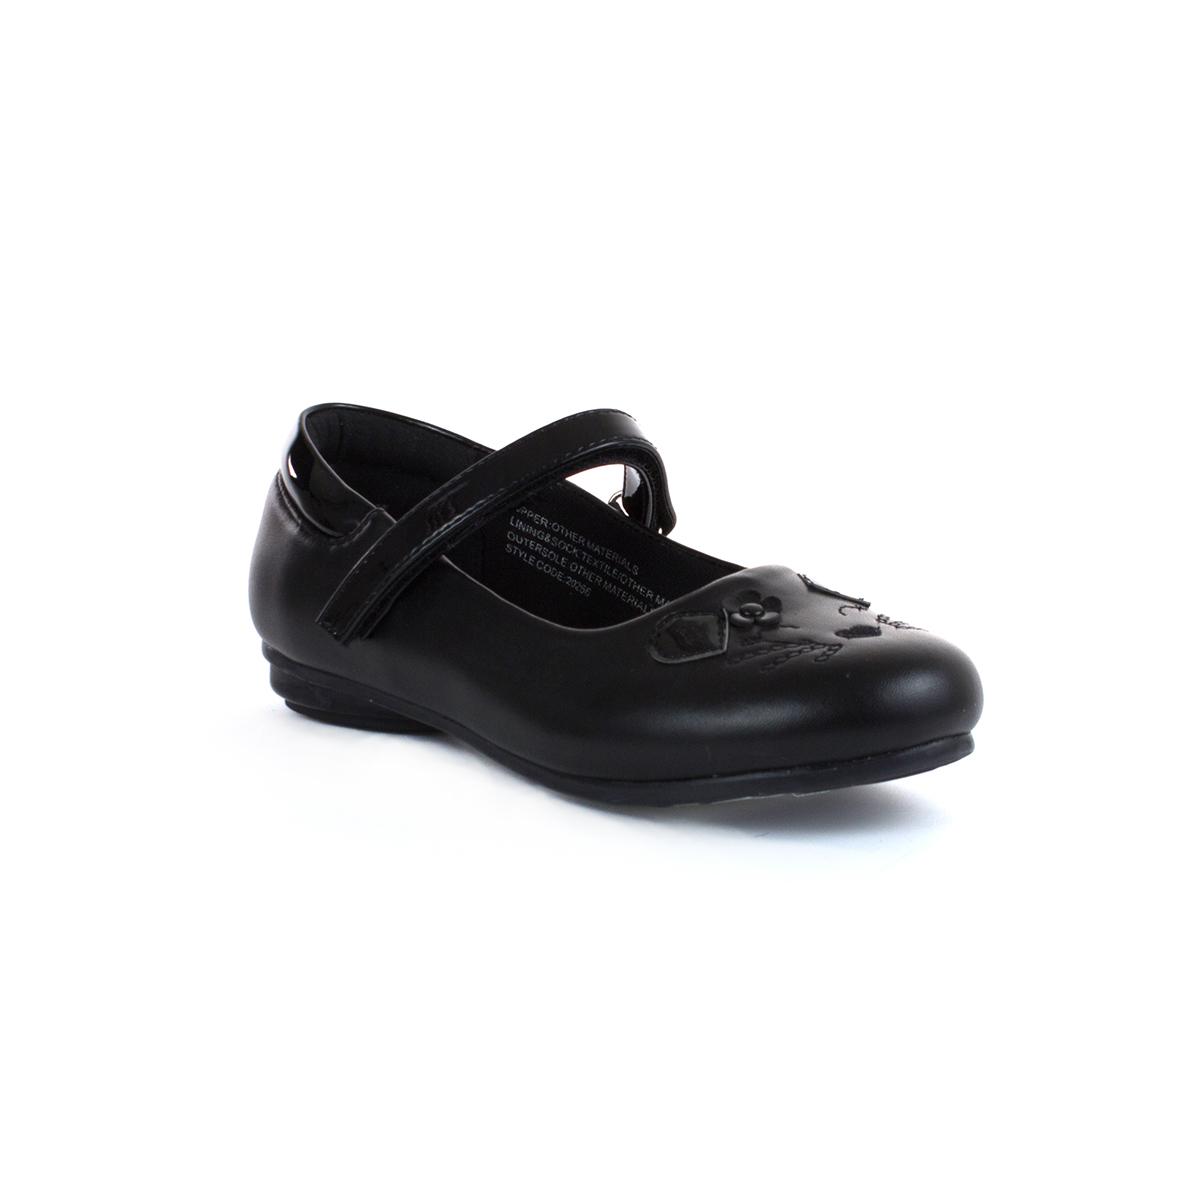 Girl's School Shoes